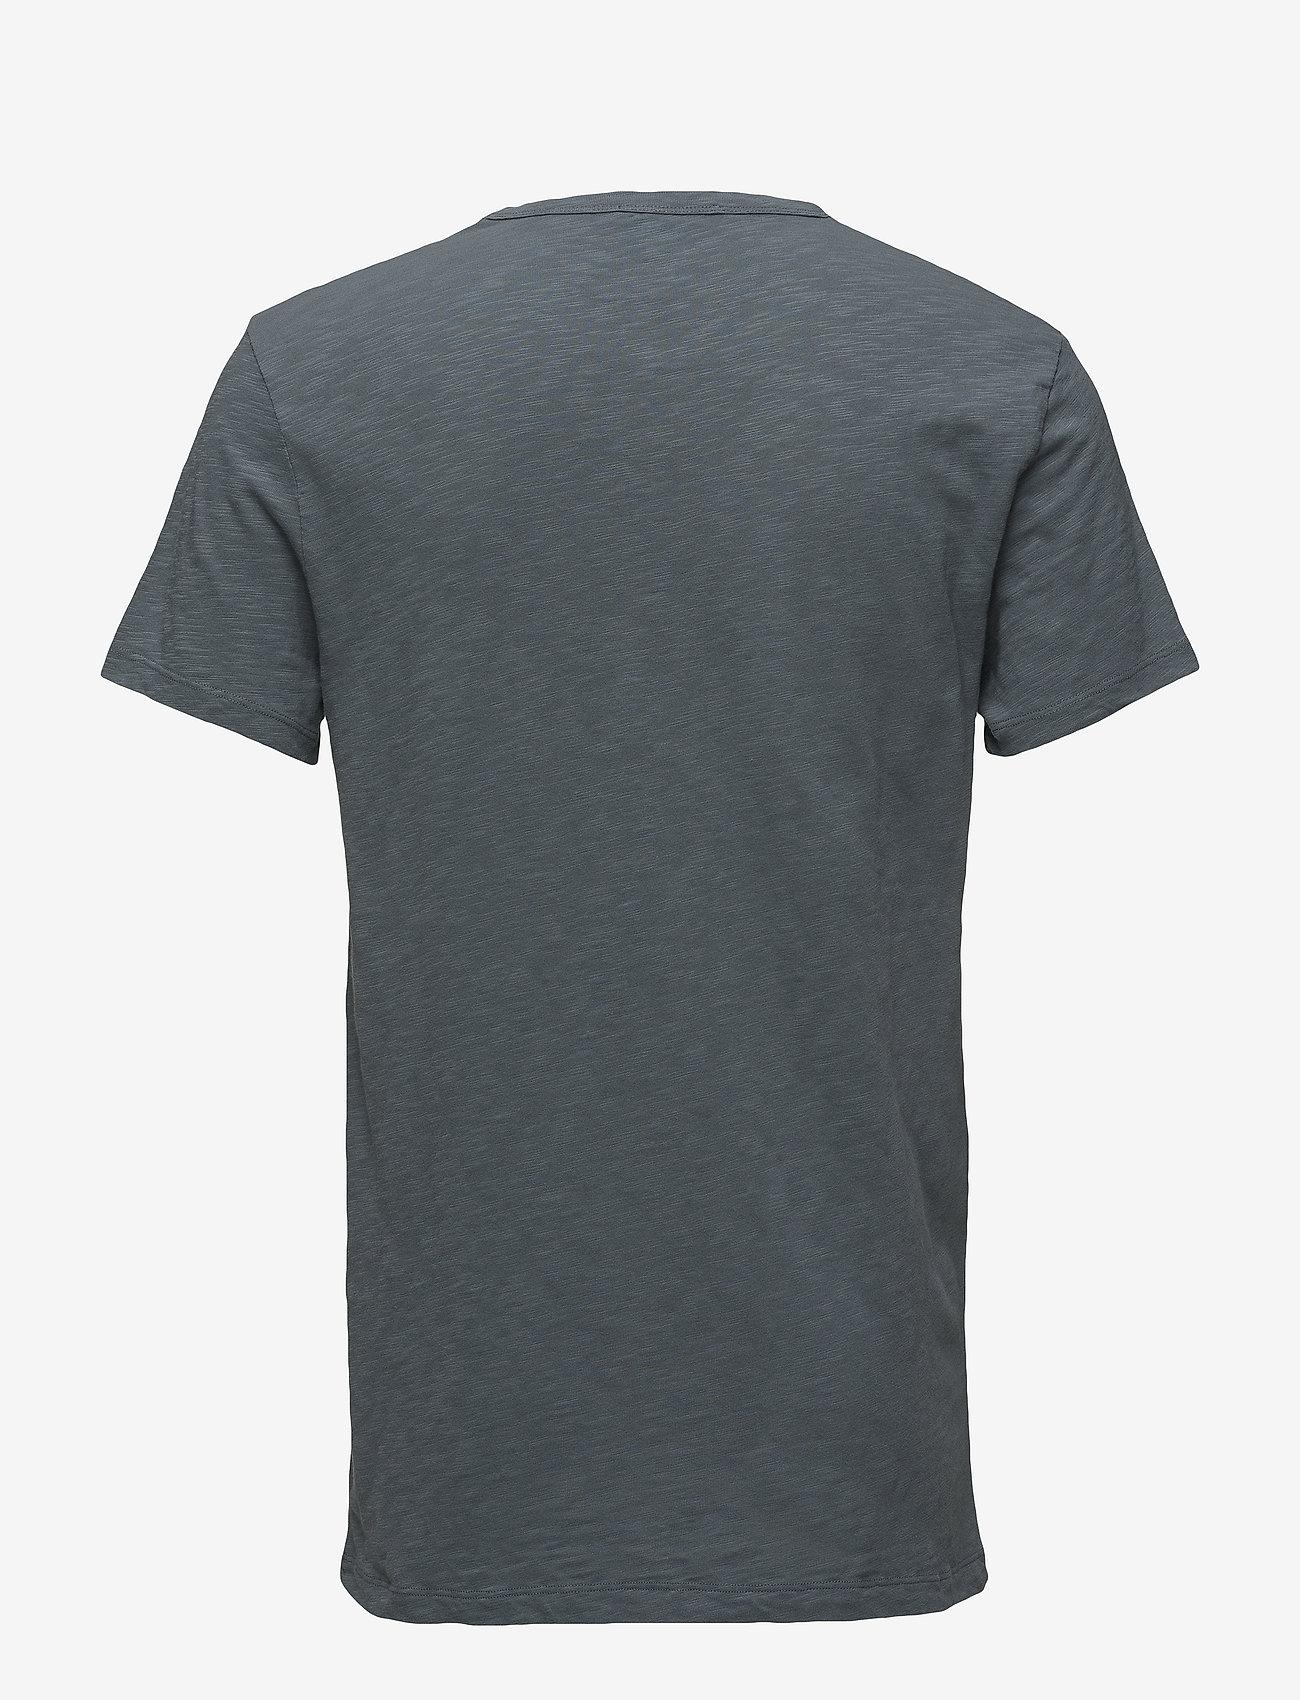 Samsøe Samsøe Lassen o-n ss 2586 - T-skjorter STORMY WEATHER - Menn Klær